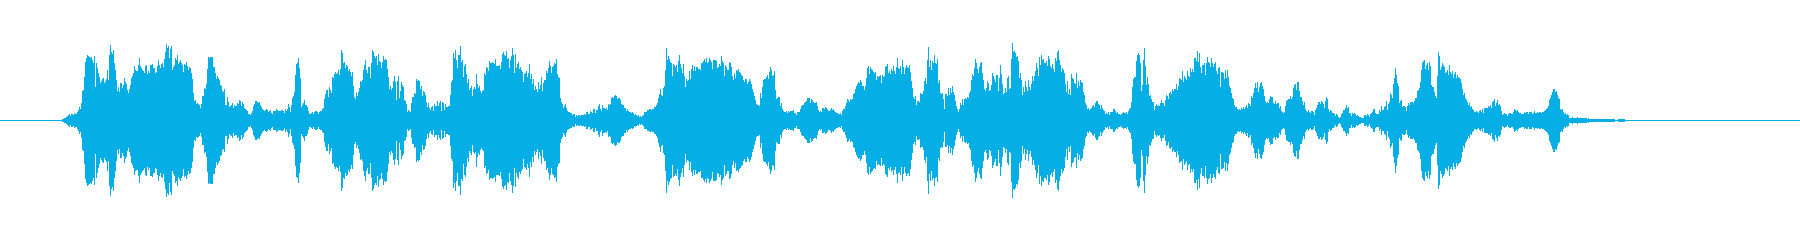 エコーオーバーレイを備えた合成振動...の再生済みの波形